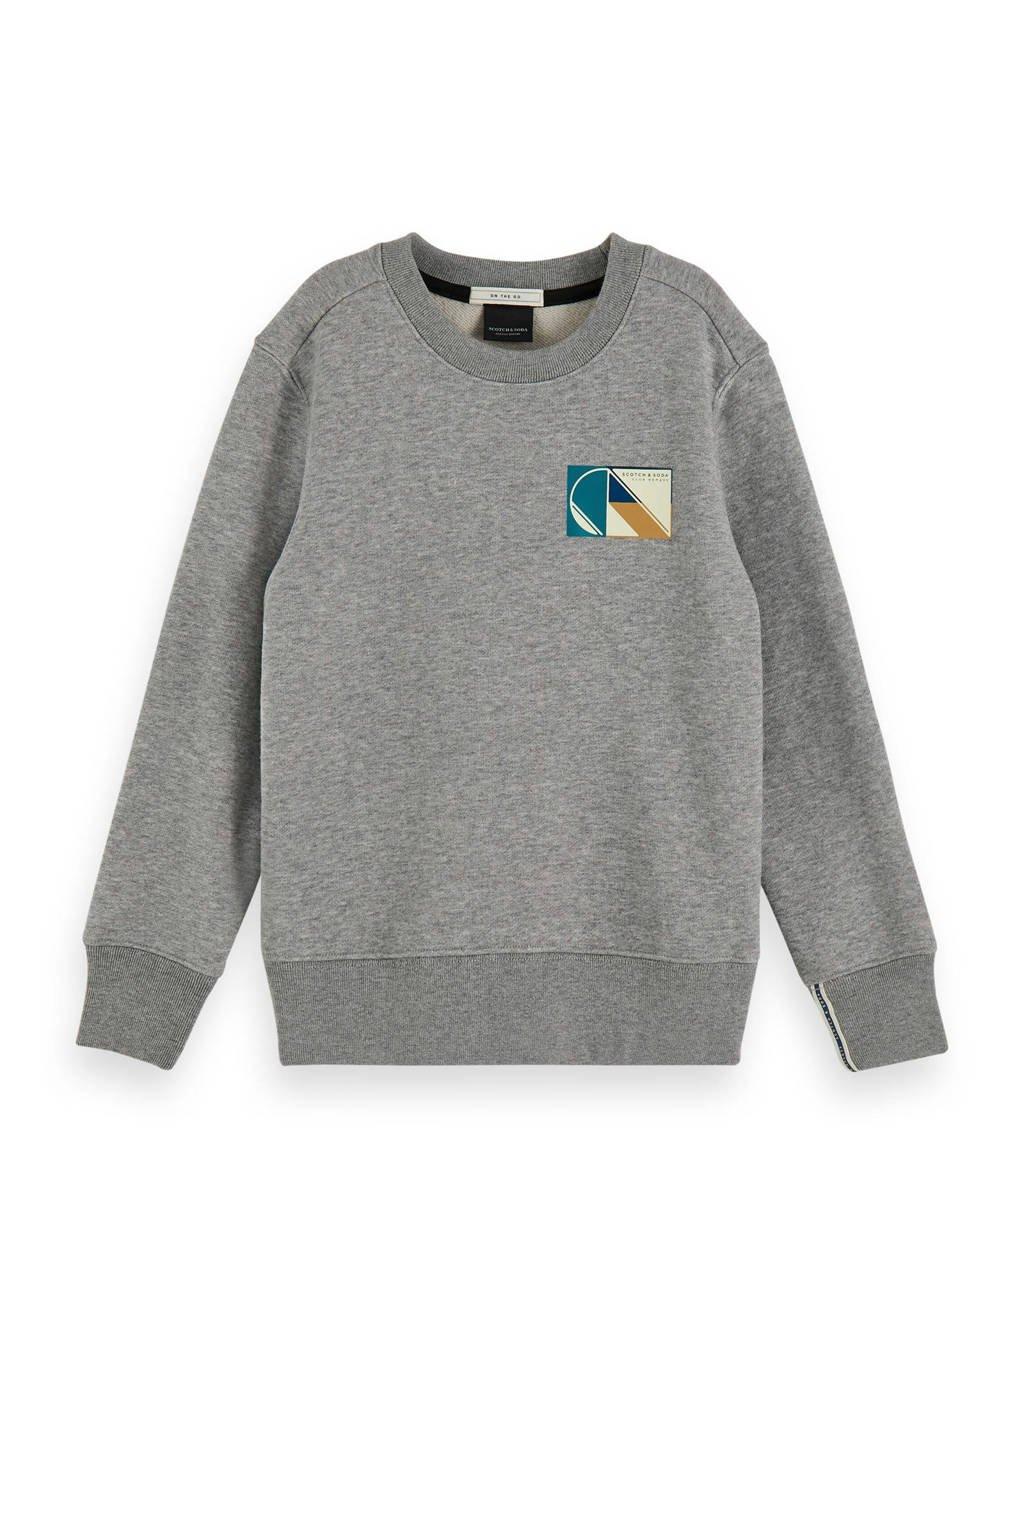 Scotch & Soda sweater met printopdruk grijs melange, Grijs melange